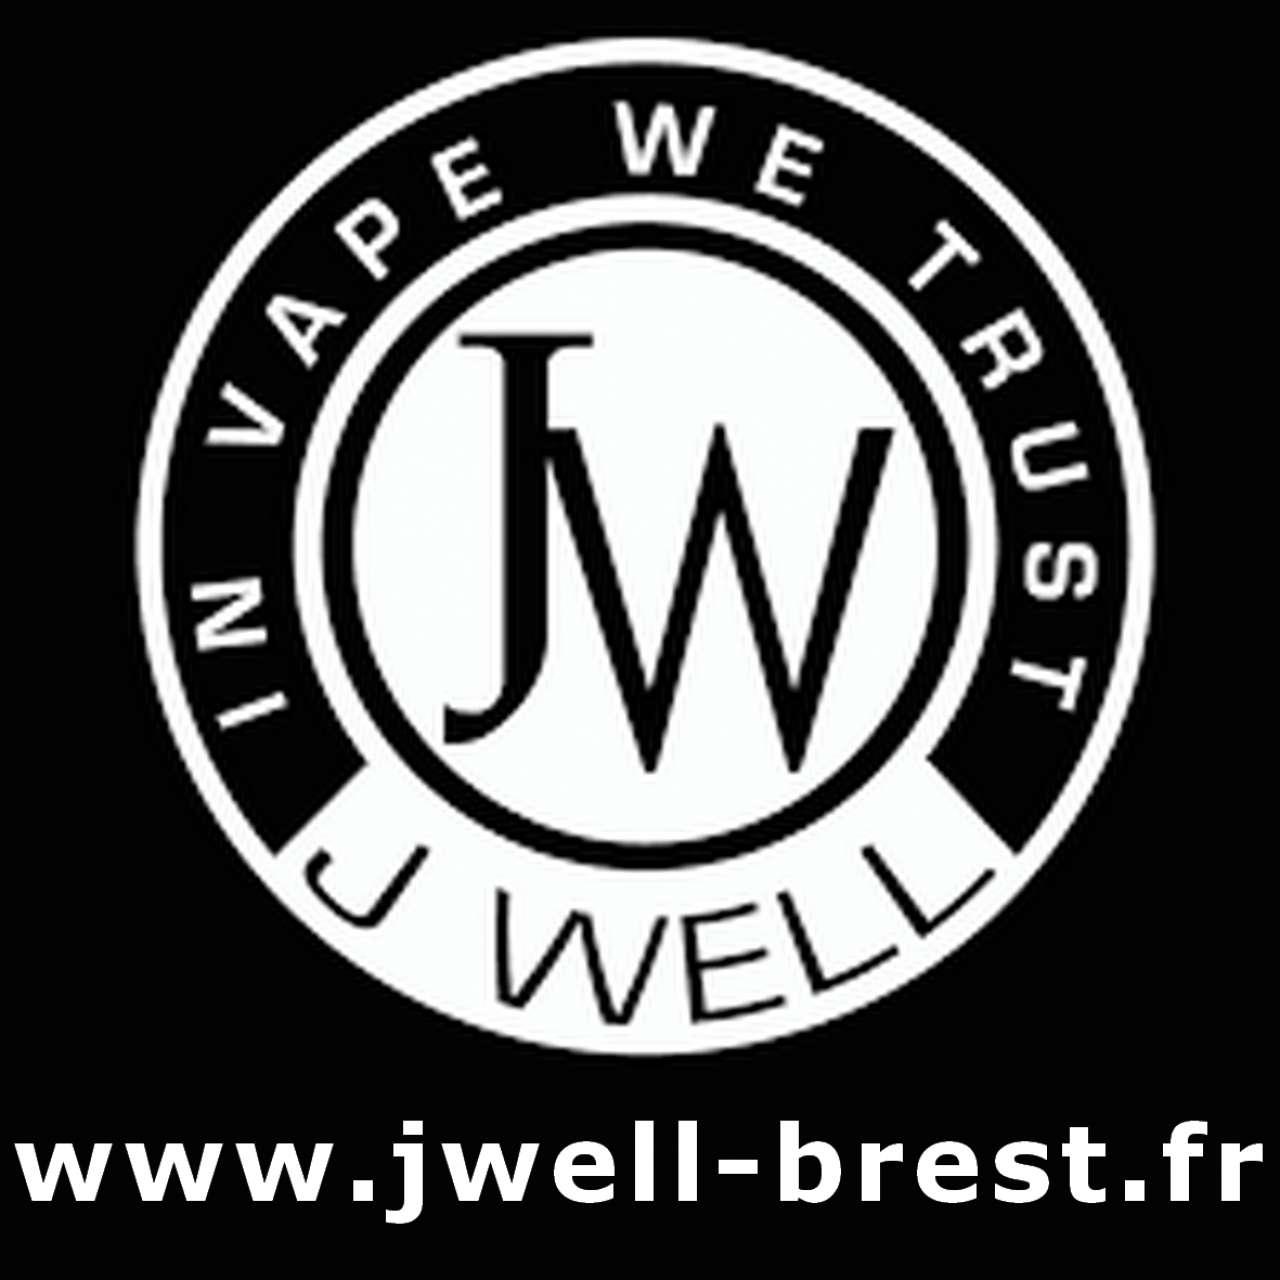 Image JWELL Brest